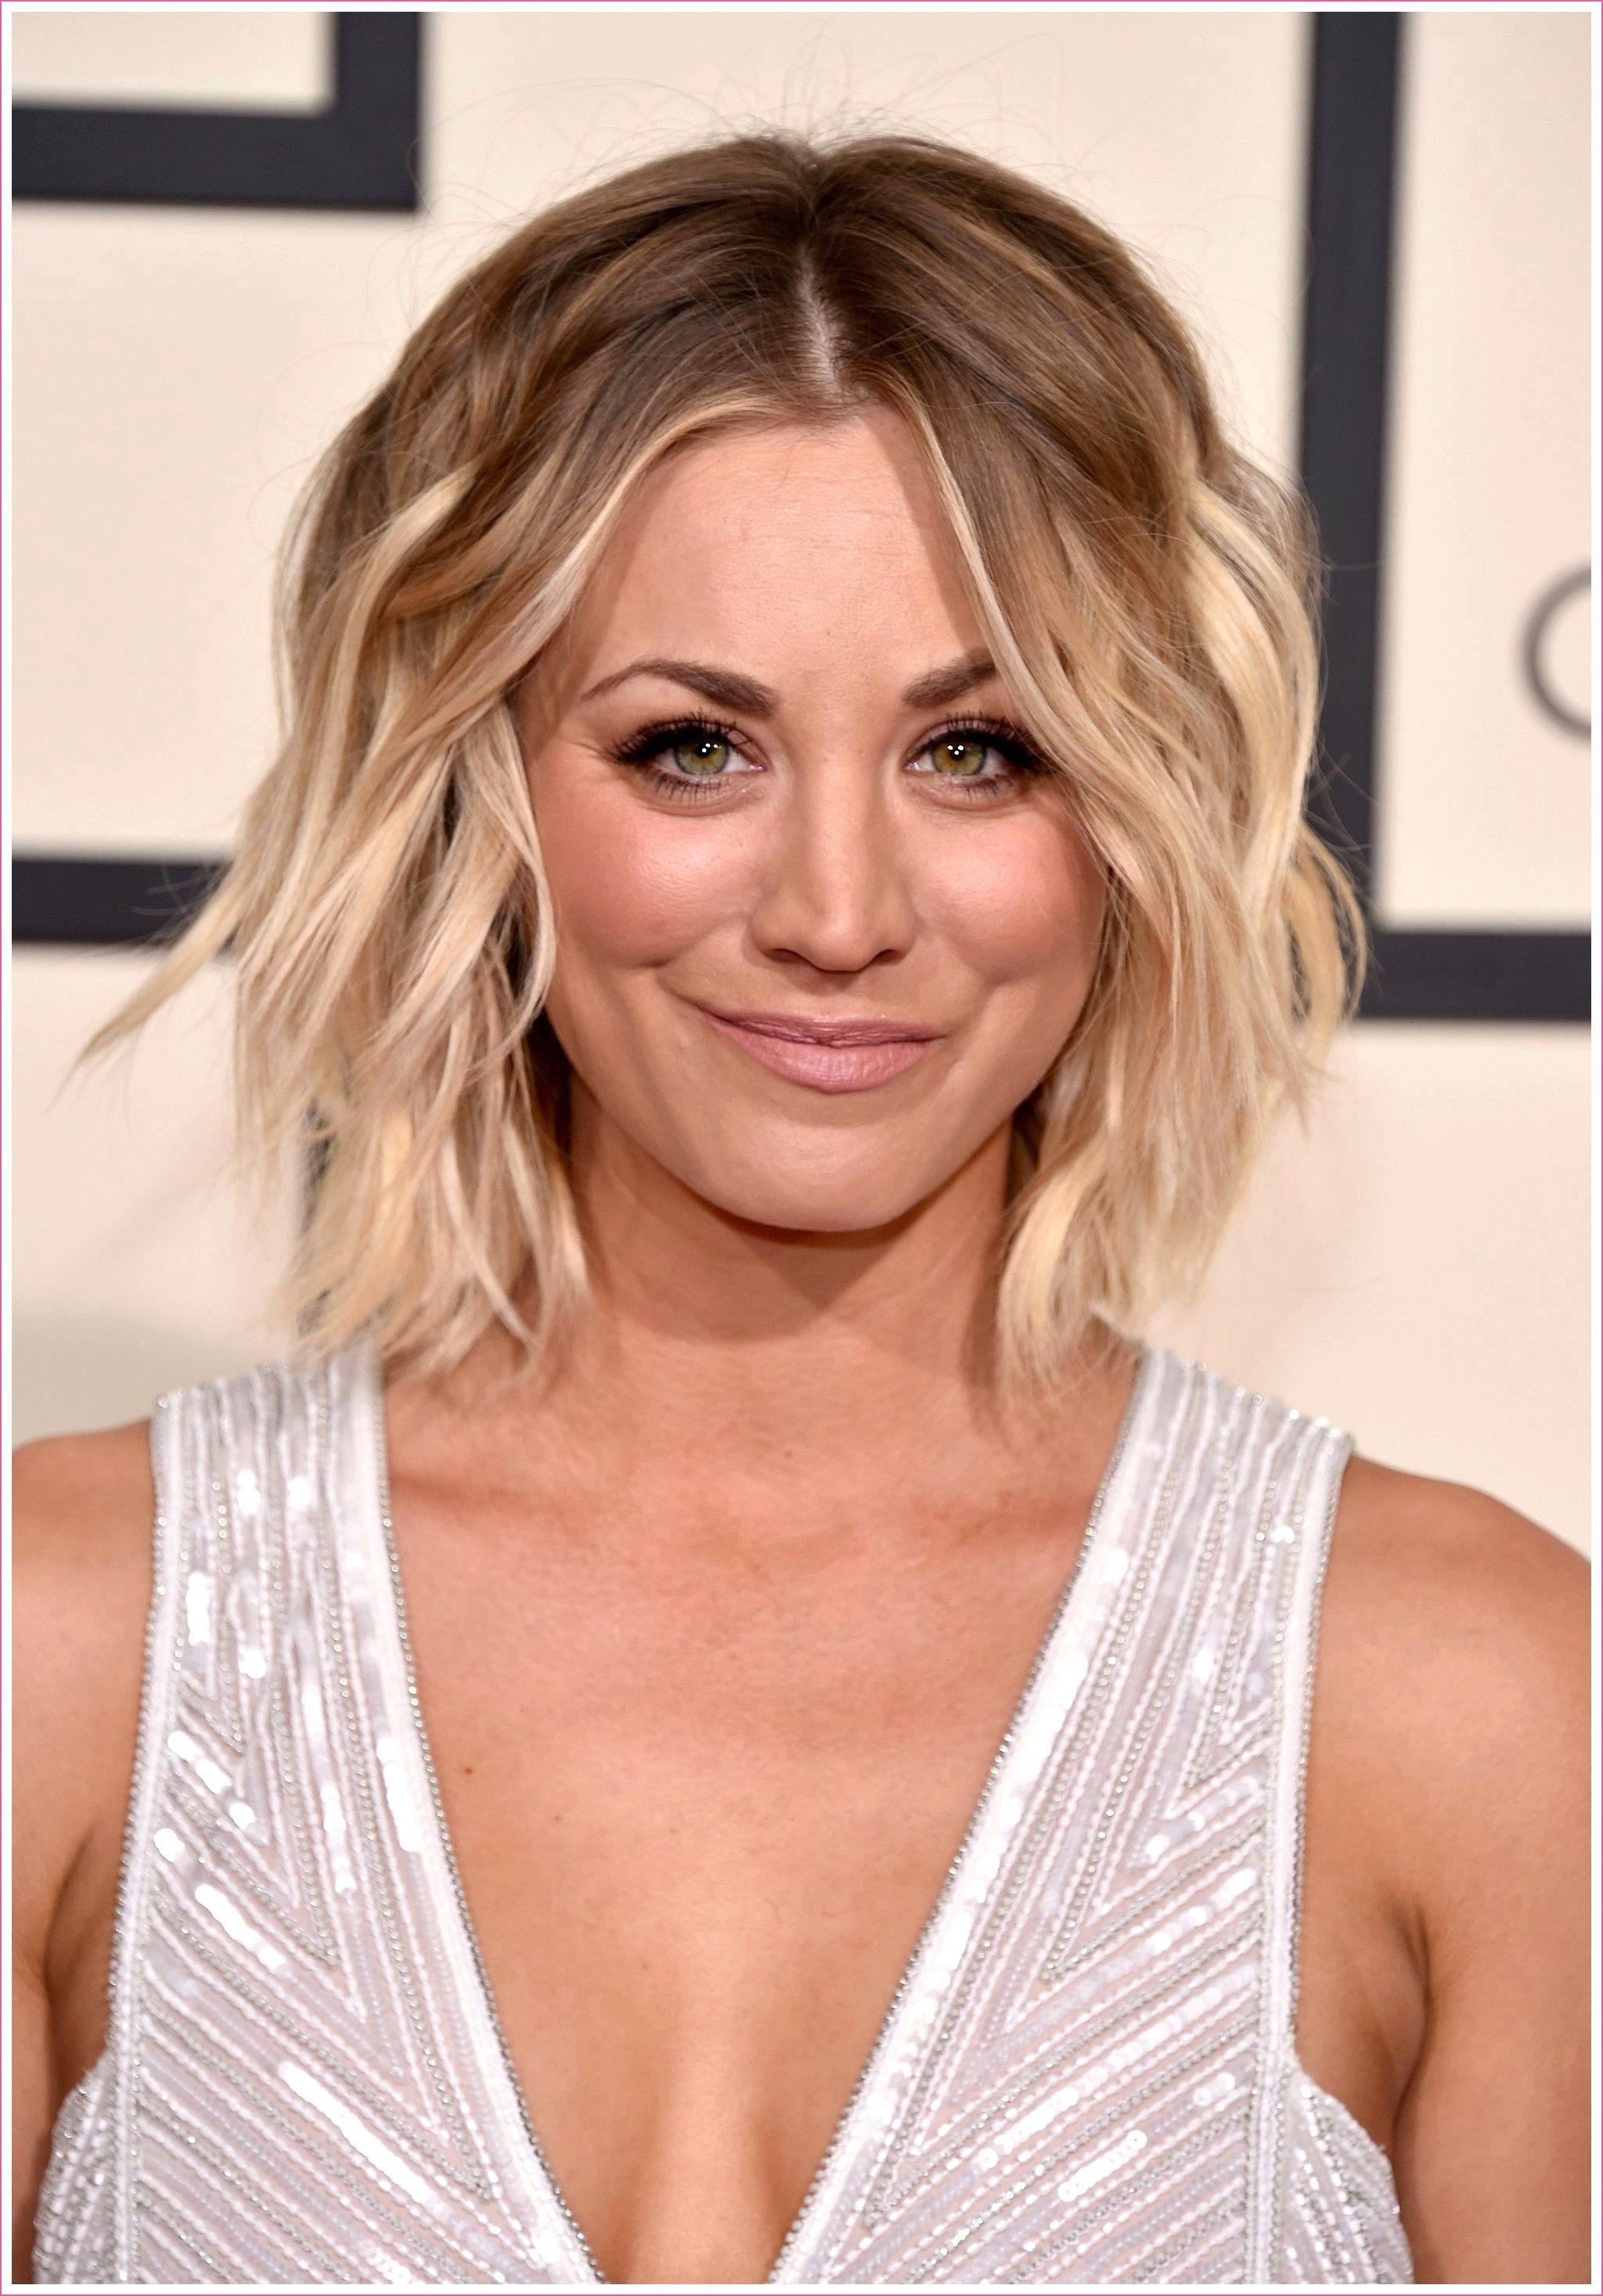 Rundes Gesicht Frisur Mittellanges Haar Rundes Gesicht Frisuren Mittellanges Haar Rundes Gesicht Frisuren Kurze Haare Hochstecken